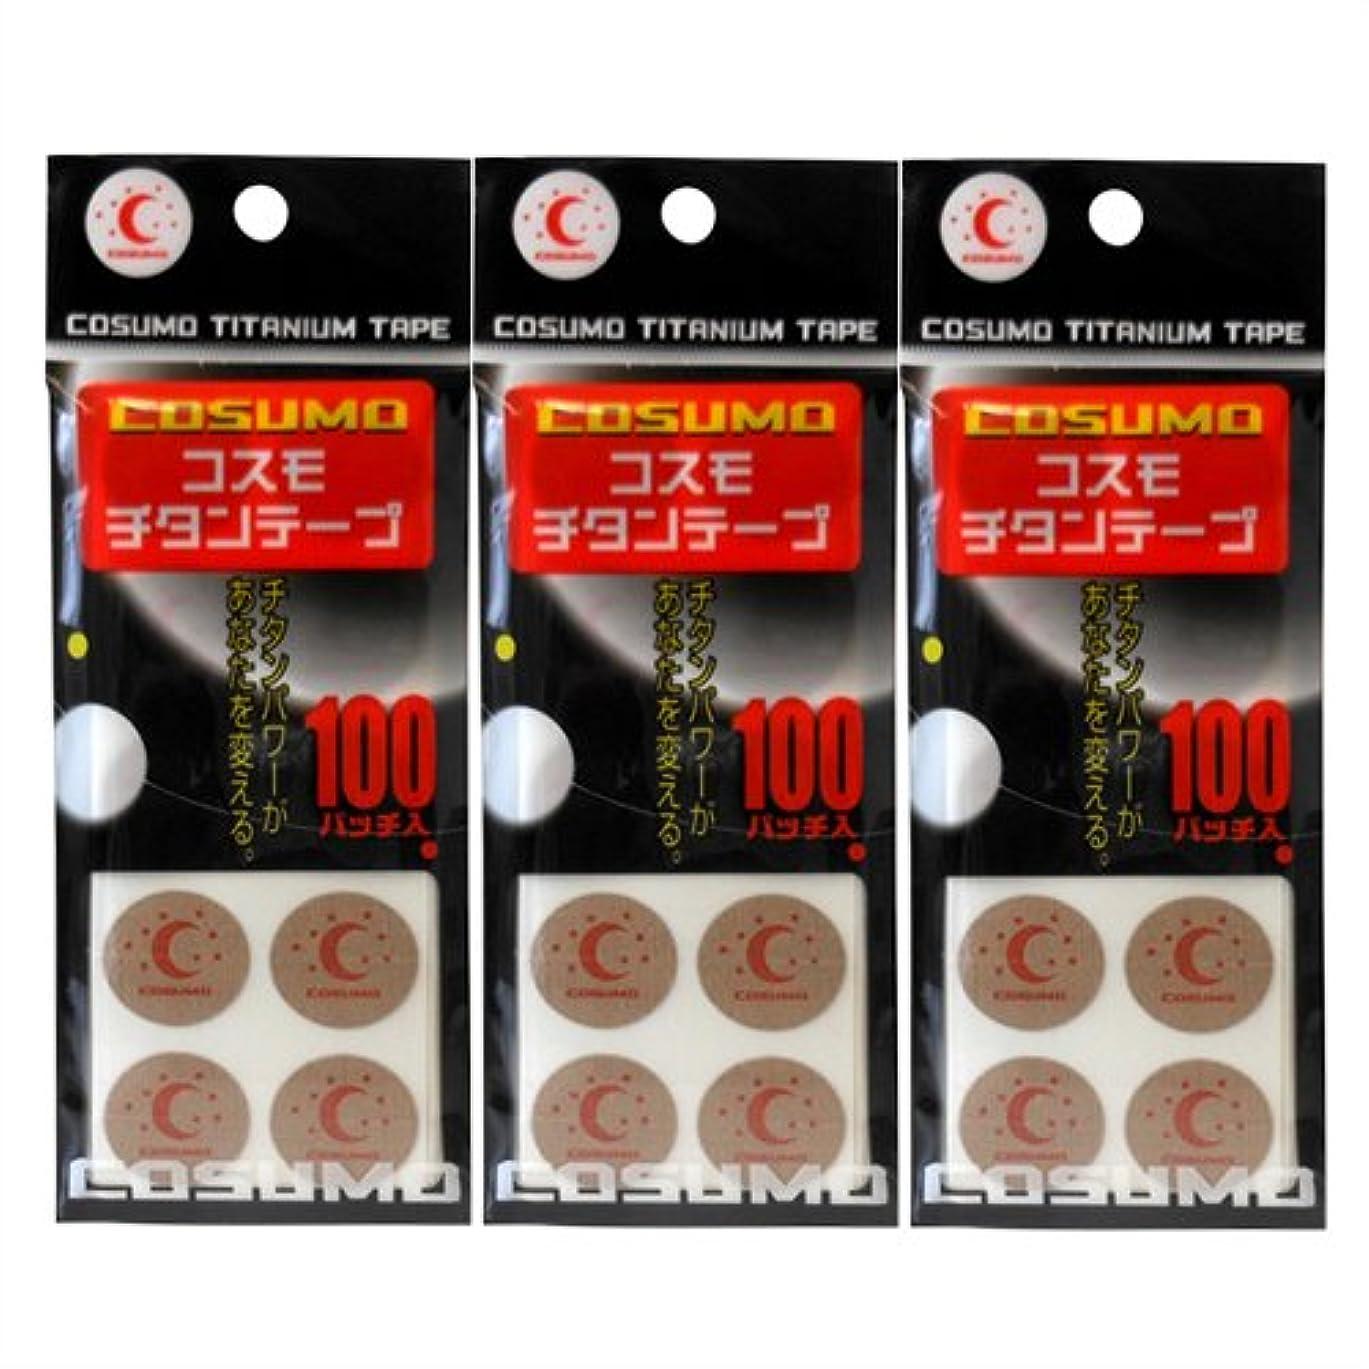 勇敢なペルメルトラップコスモチタンテープ (COSUMO TITANIUM TAPE) 100パッチ入り x3枚(合計300パッチ) セット